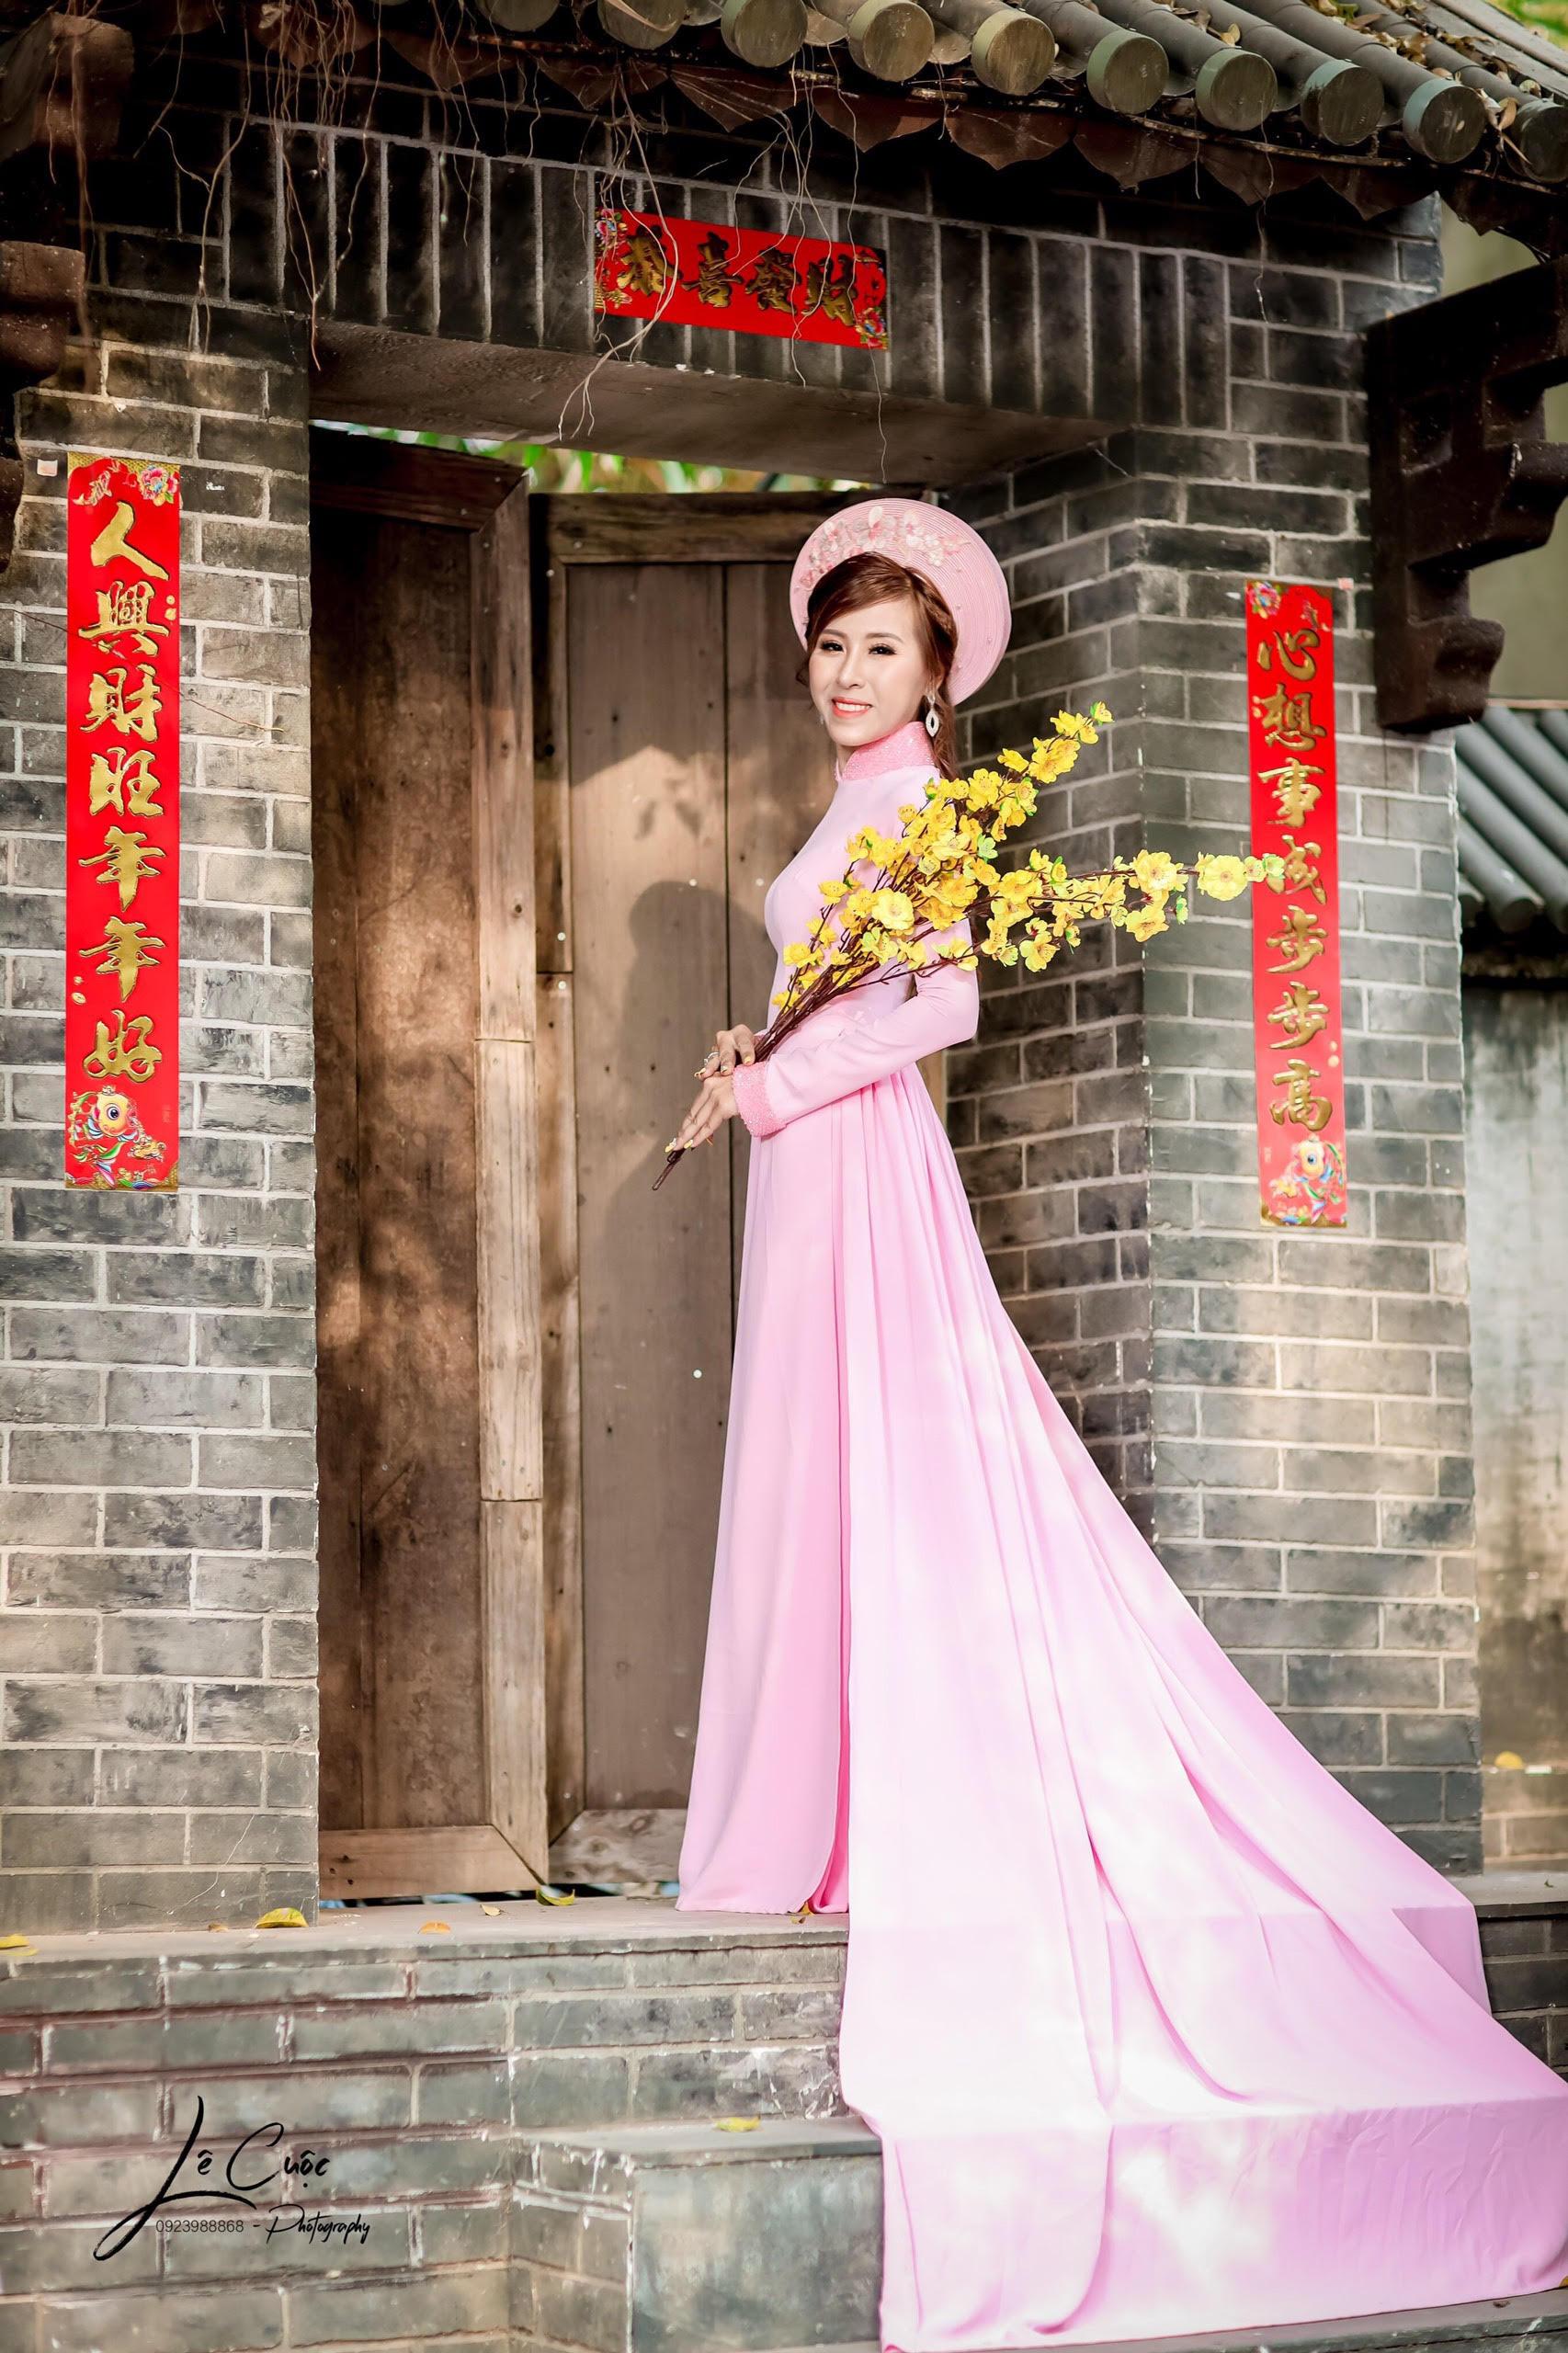 """Ca sĩ Mỹ Tiên chiến thắng đầy thuyết phục trong chương trình """"Gương mặt vàng"""" tập 7 - Ảnh 7."""